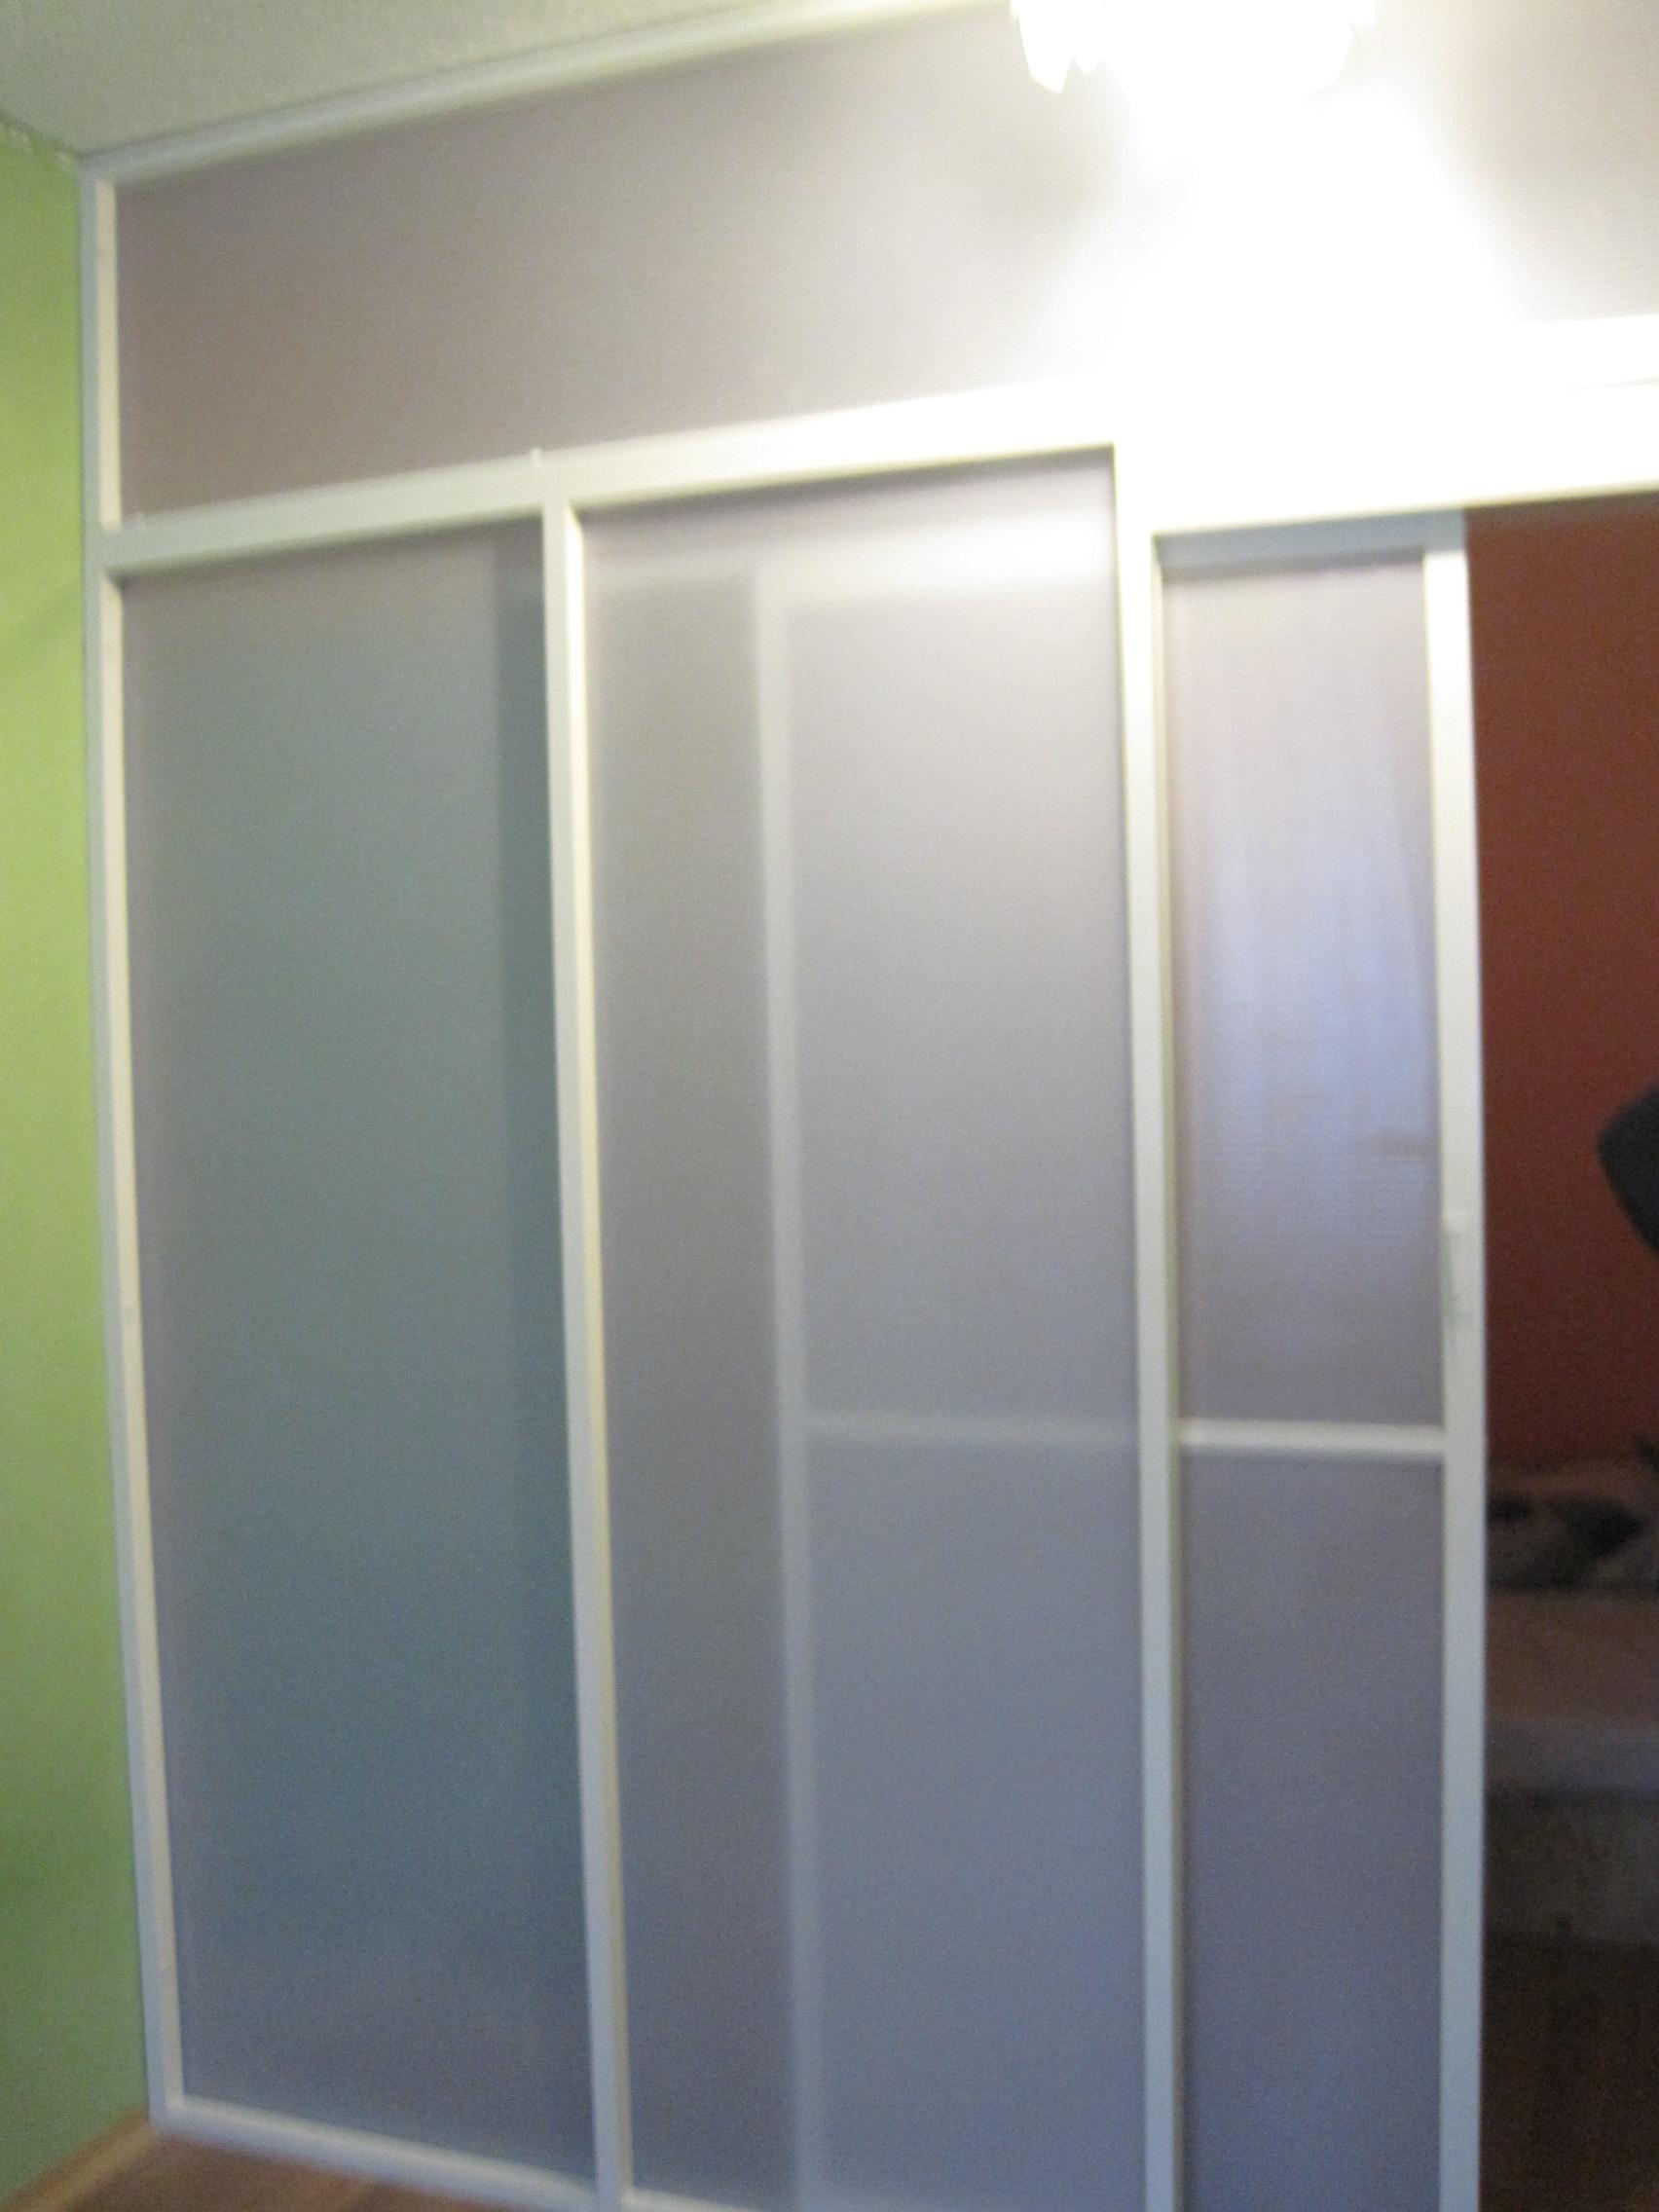 schiebet r rahmen schiebesystem trennwand pifema s r o. Black Bedroom Furniture Sets. Home Design Ideas